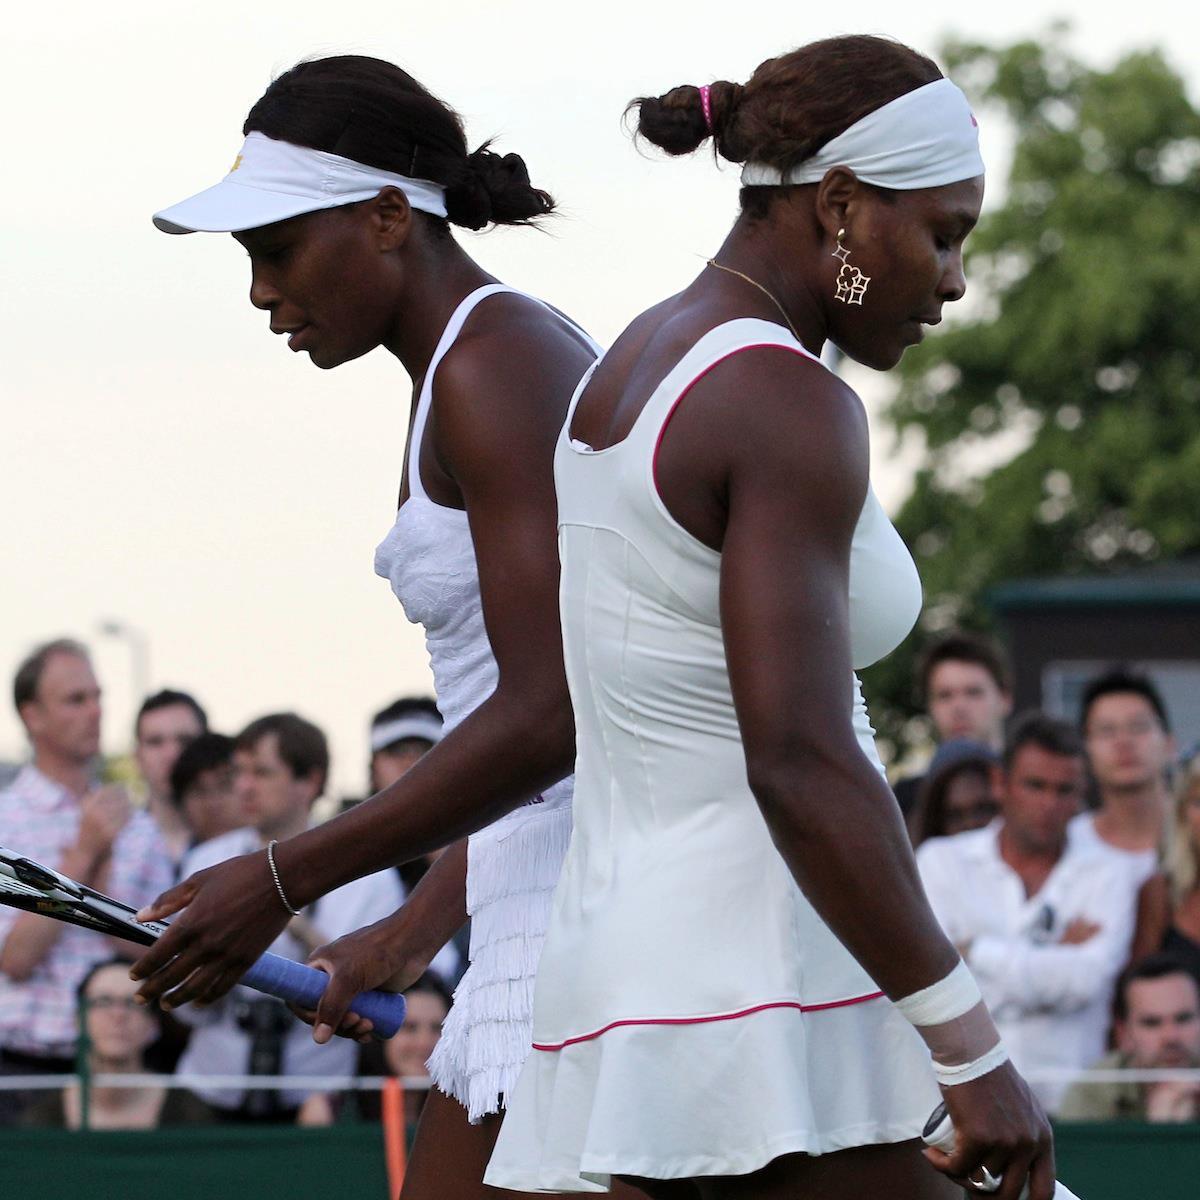 http://2.bp.blogspot.com/-KmIpNZANdpA/UYnbS8-36qI/AAAAAAABg8k/tMtmmPgl2uc/s1600/Venus-and-Serena-2.jpg